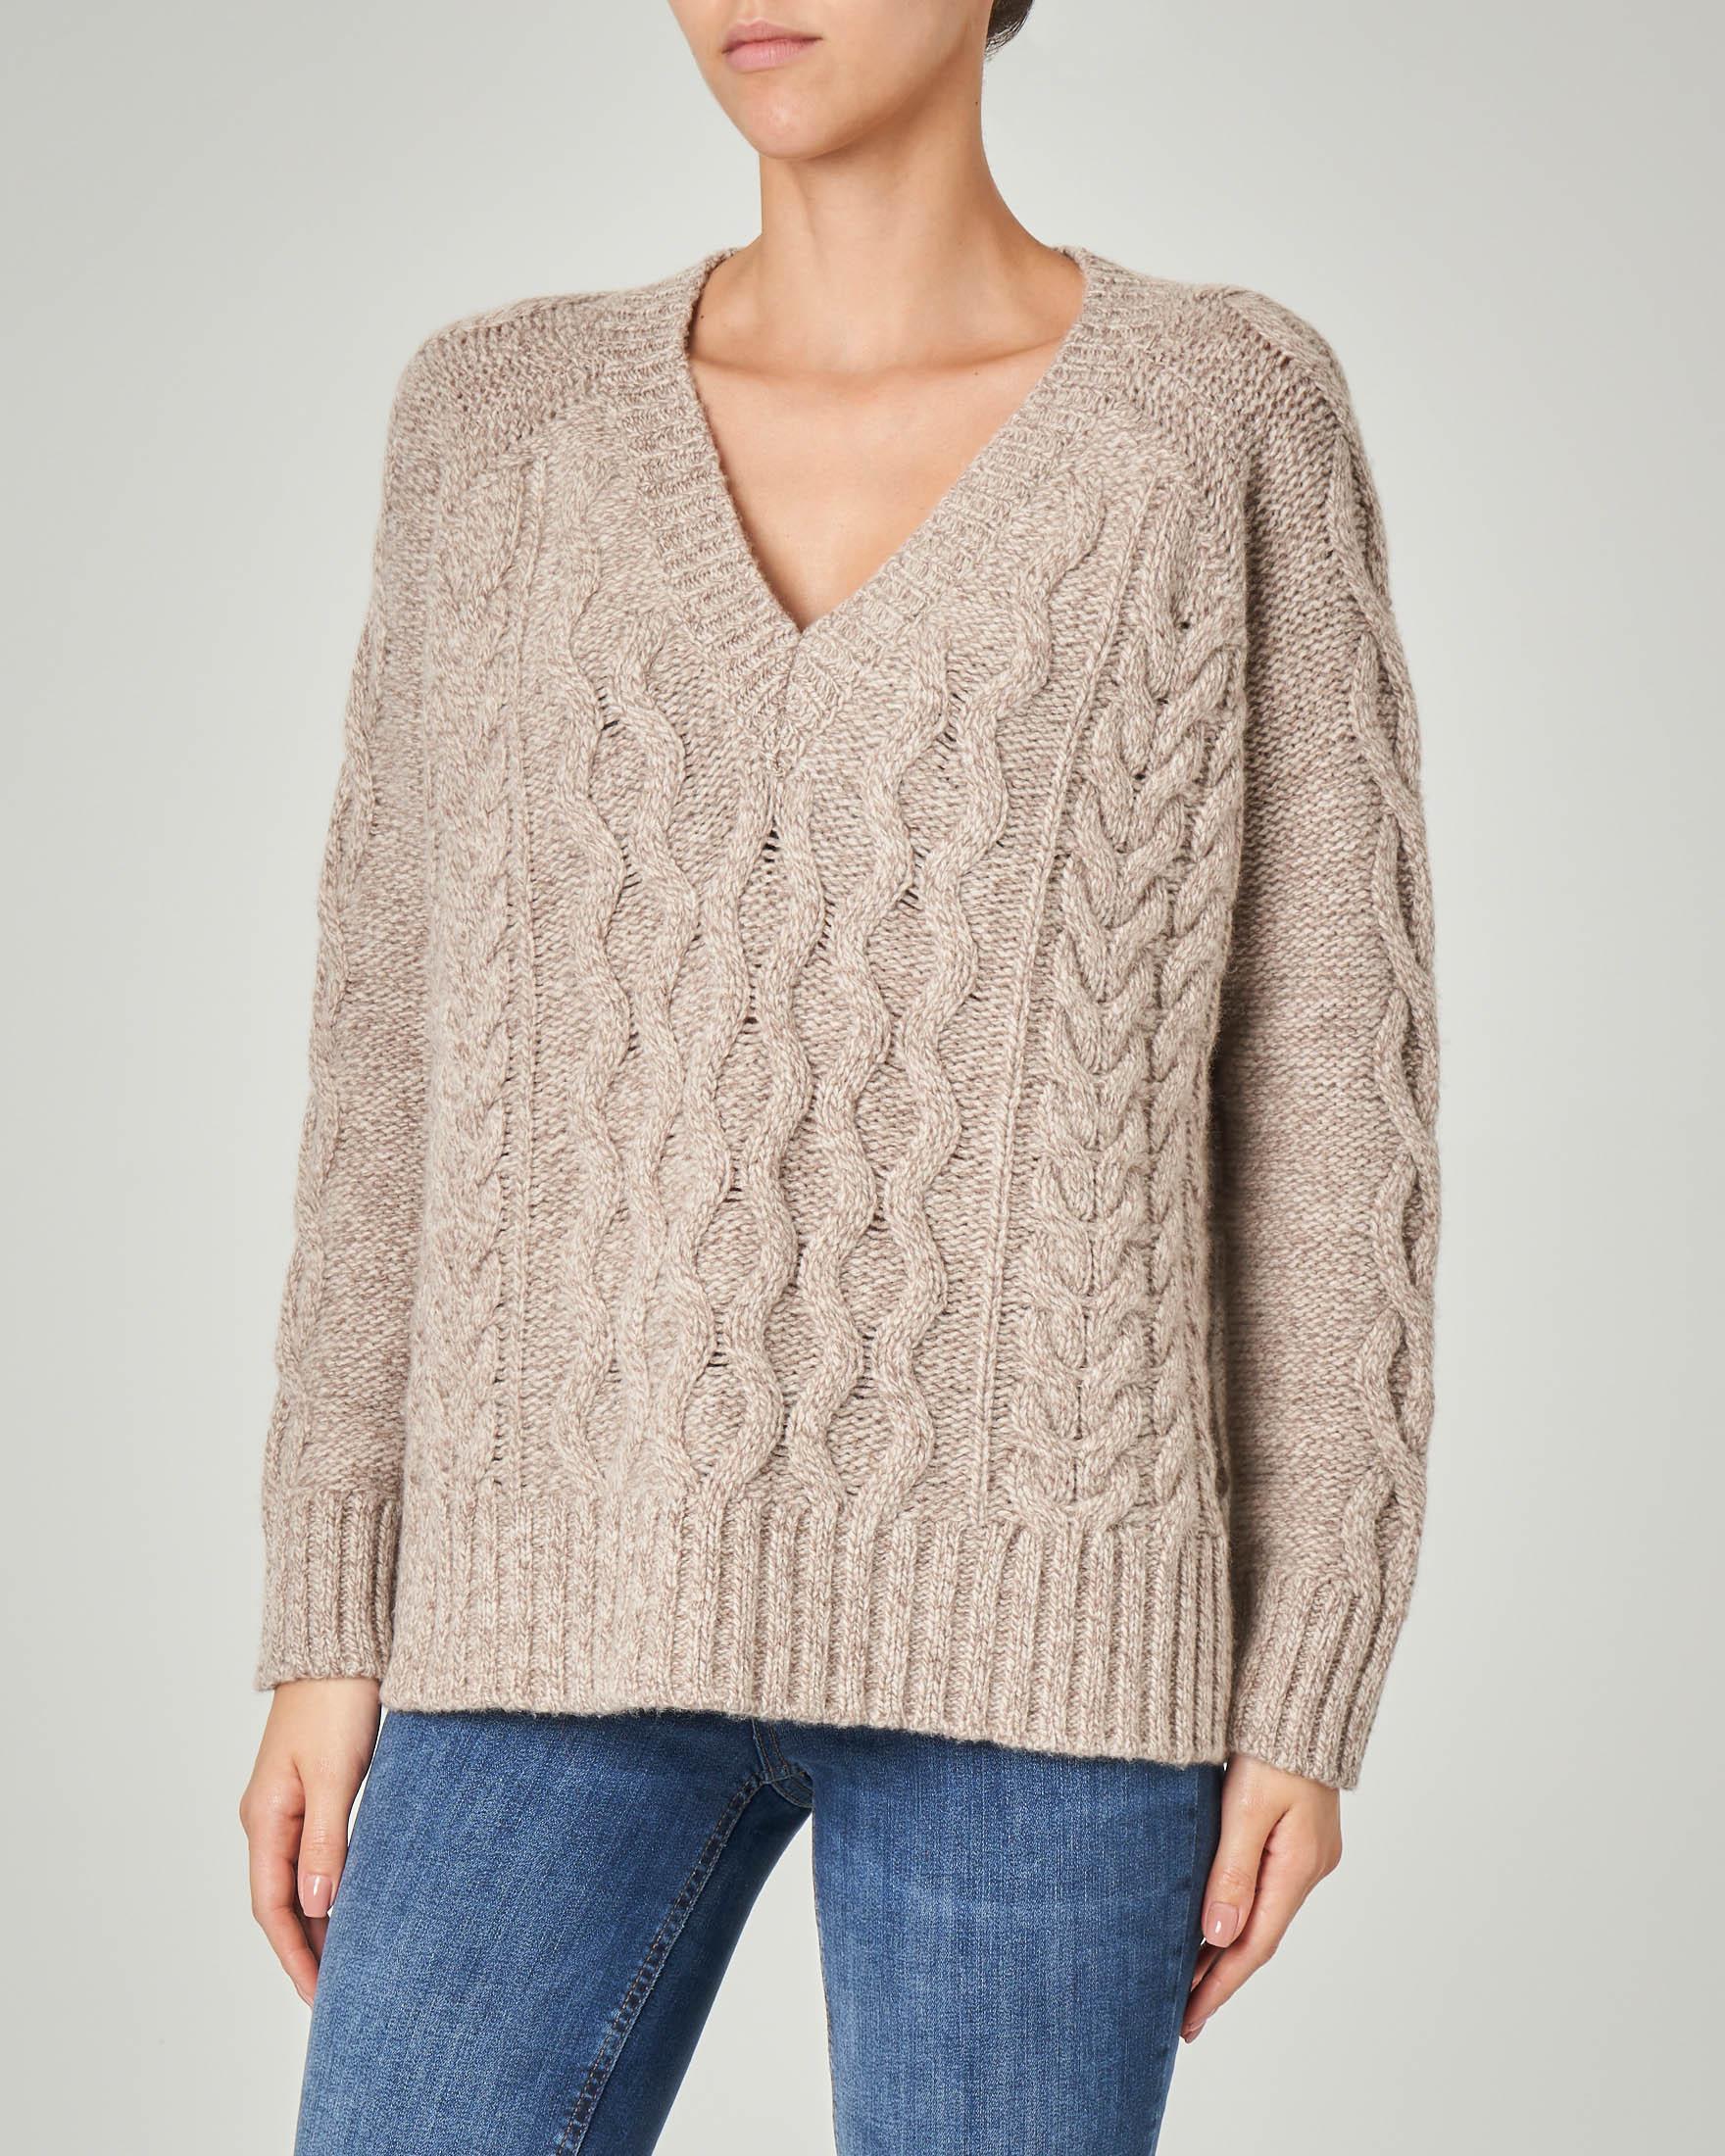 Maglia over in lana vergine color tortora con lavorazione a trecce e scollo a V